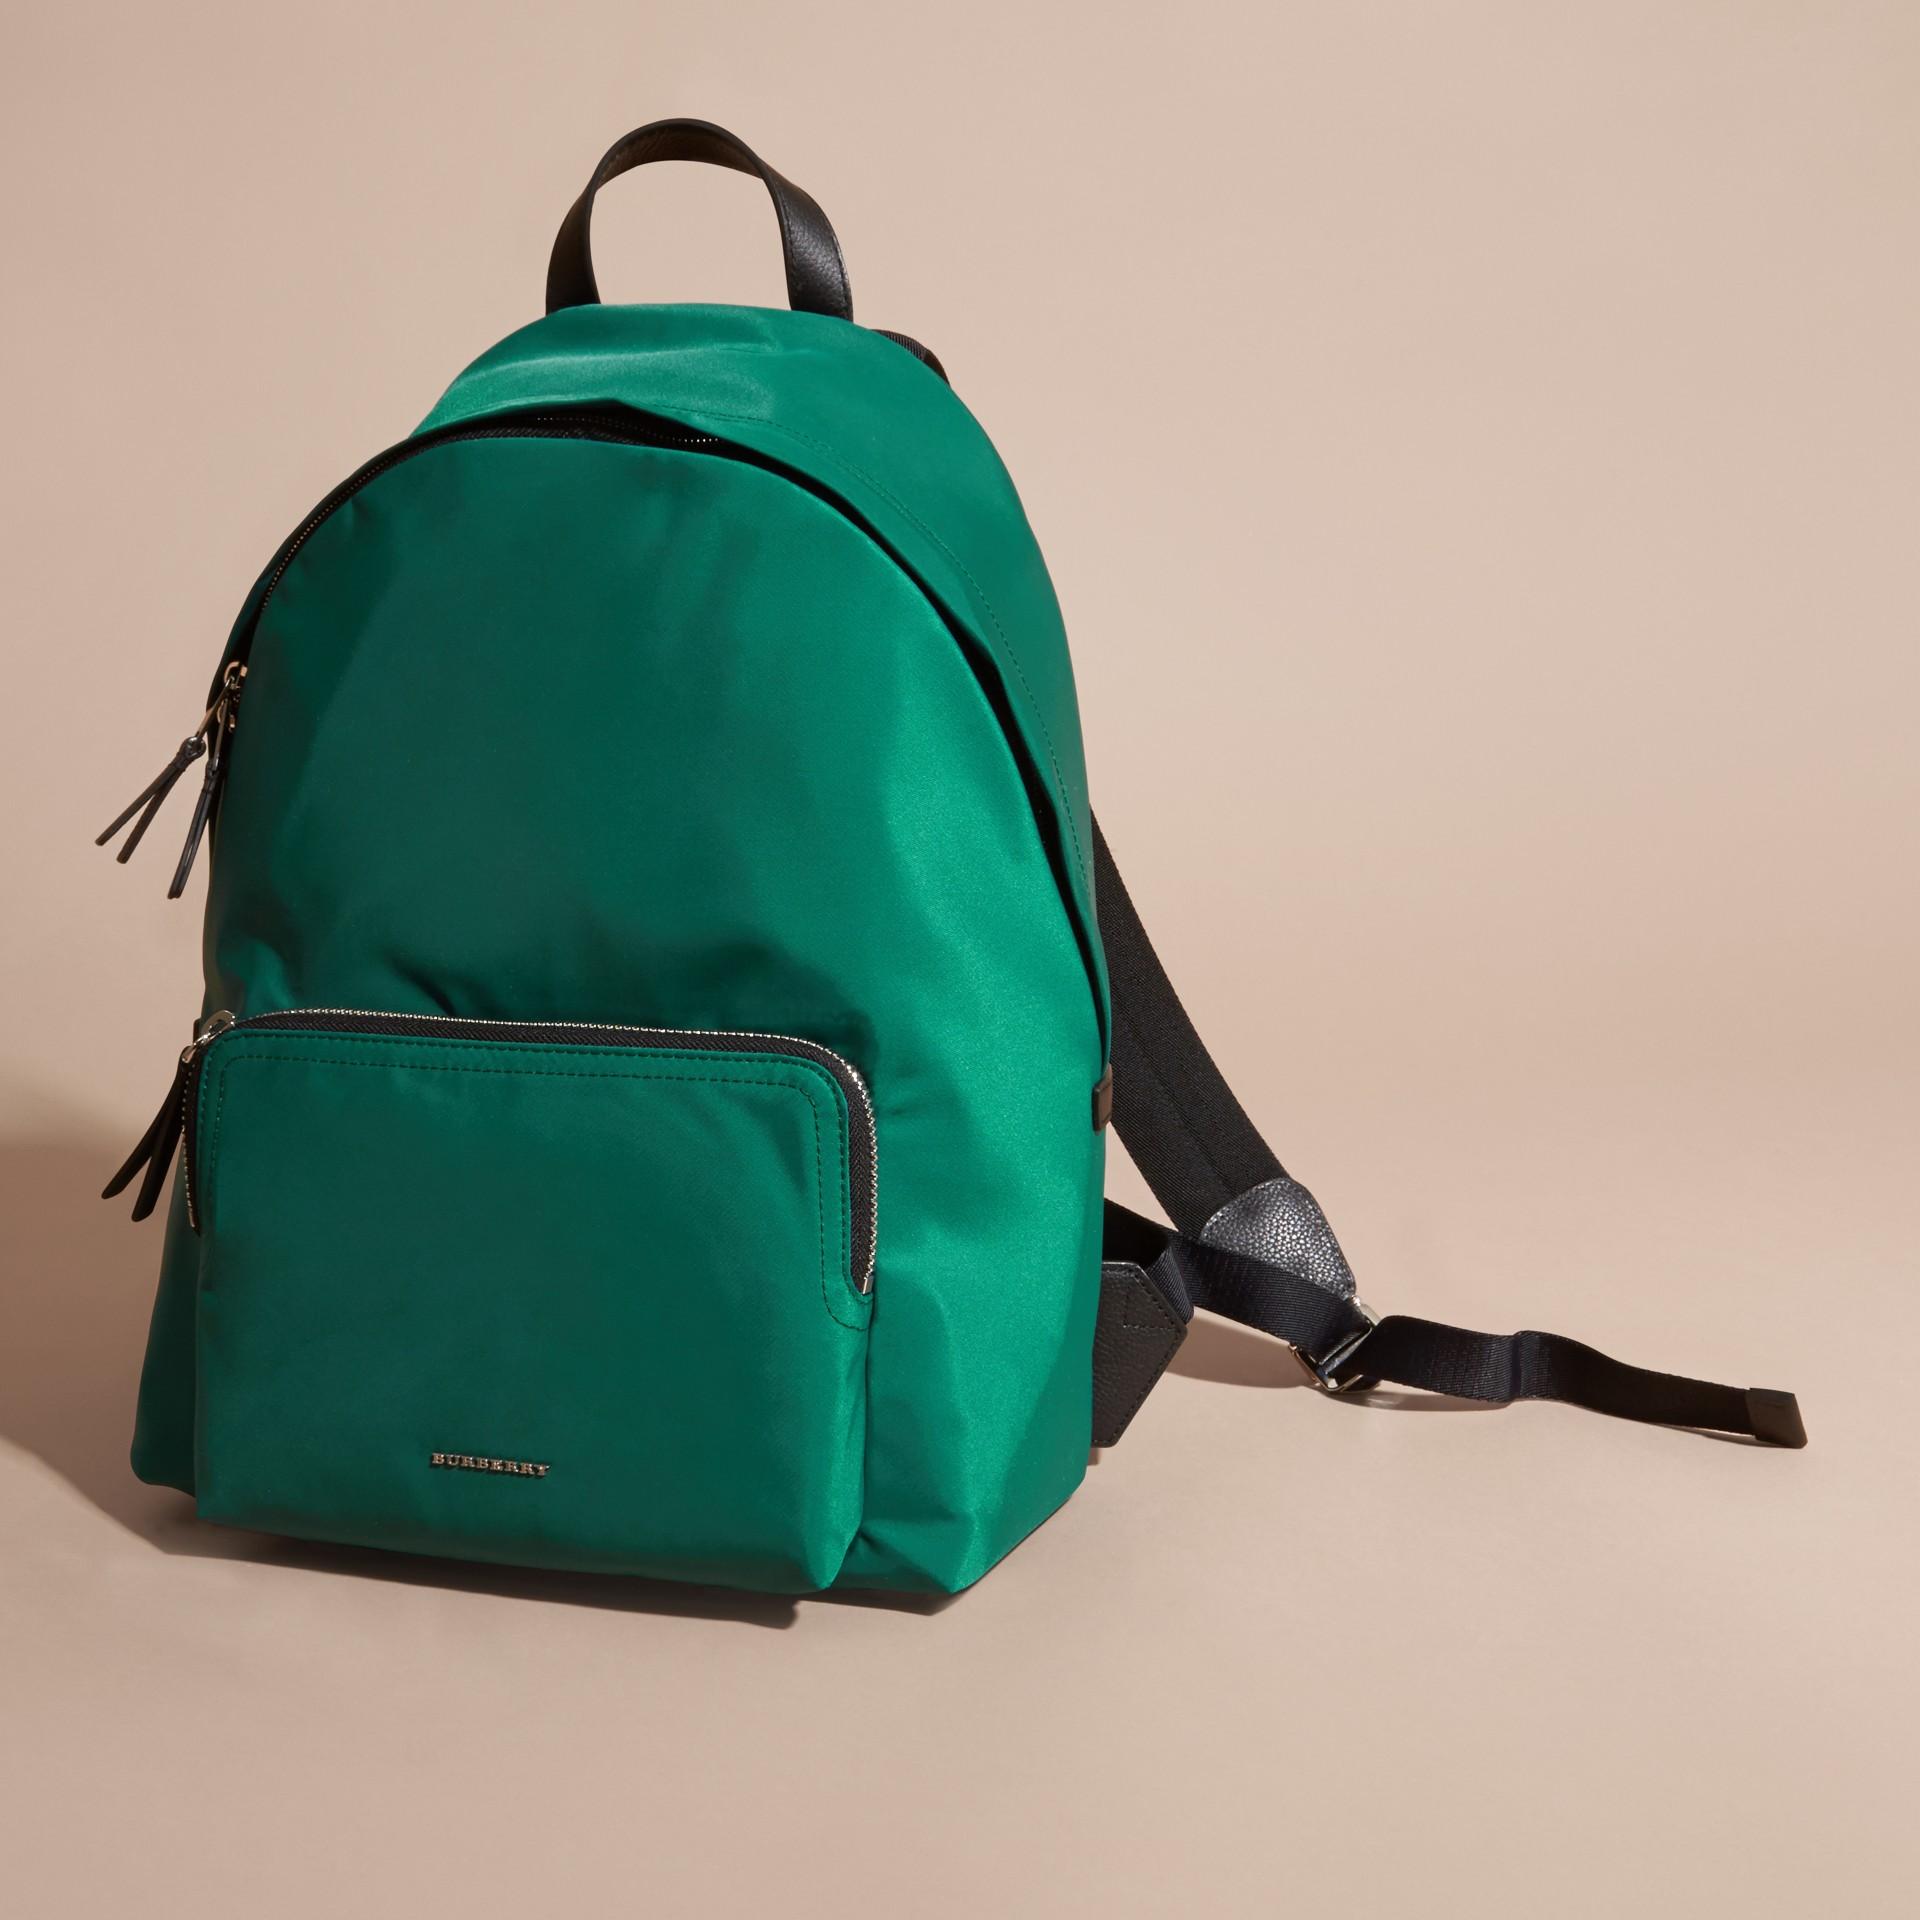 Vert pin Sac à dos en nylon avec éléments en cuir Vert Pin - photo de la galerie 7